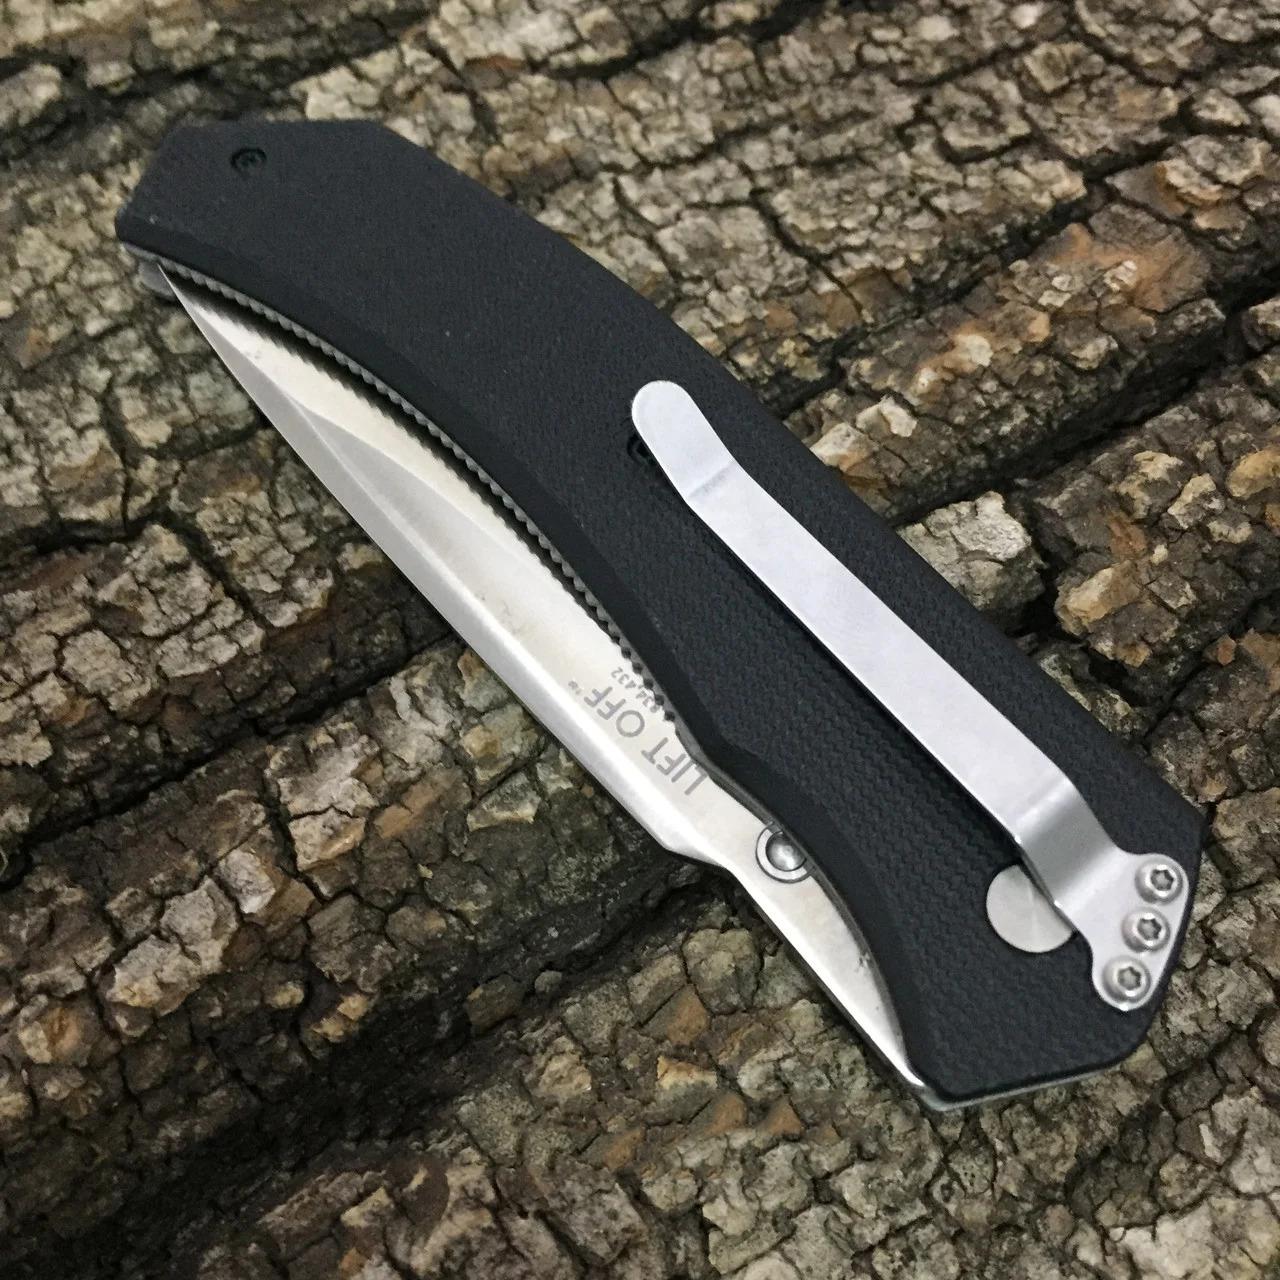 Фото 15 - Полуавтоматический складной нож Lift Off, CRKT 6830, сталь AUS-8, рукоять термопластик Zytel®/сталь